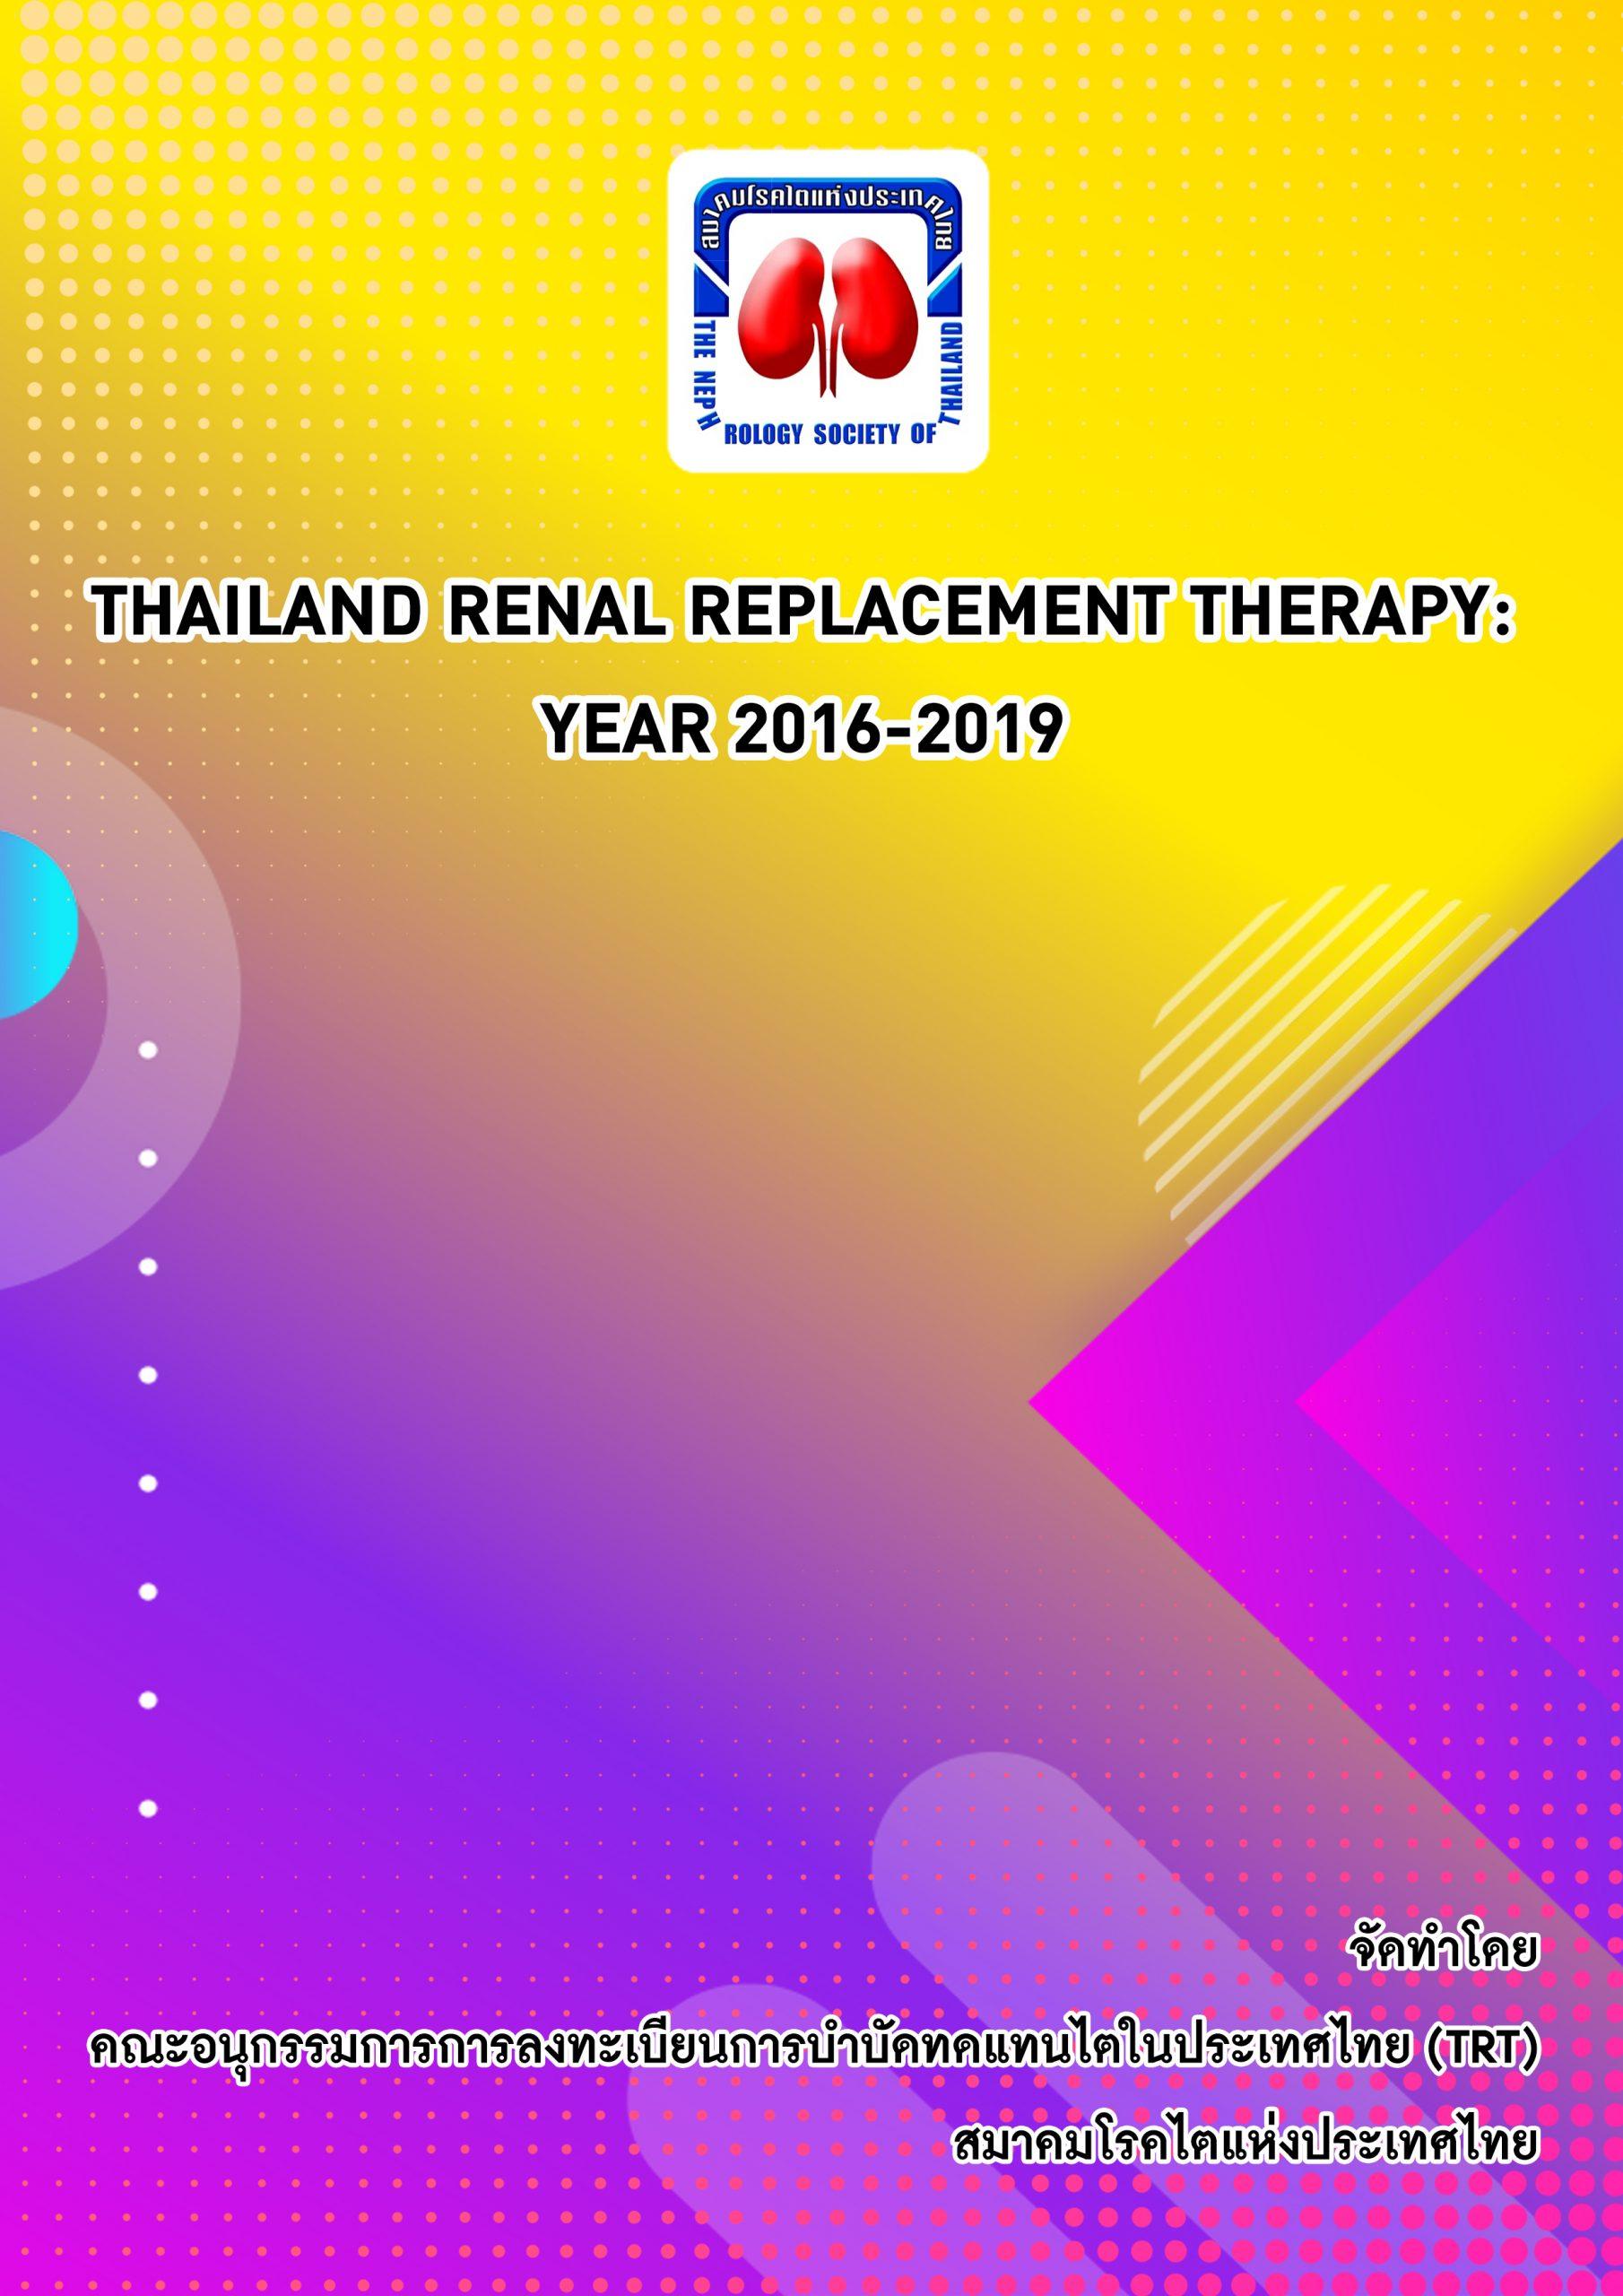 หน้าปก thailand renal